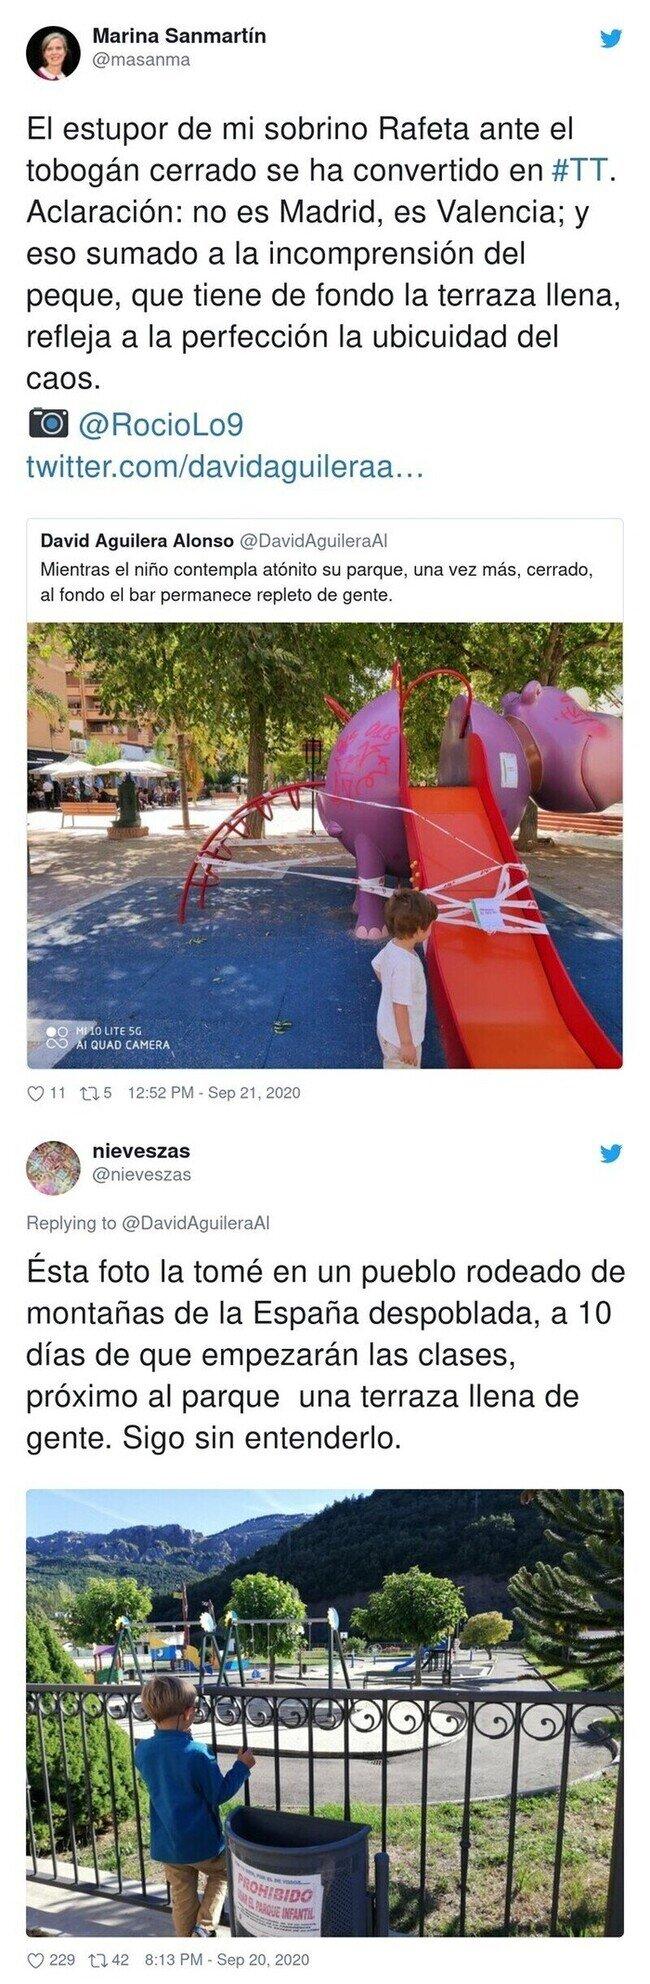 19923 - La desoladora imagen de un niño en un parque que ejemplifica lo absurdas que son algunas medidas contra la pandemia y que va camino de récord en Twitter